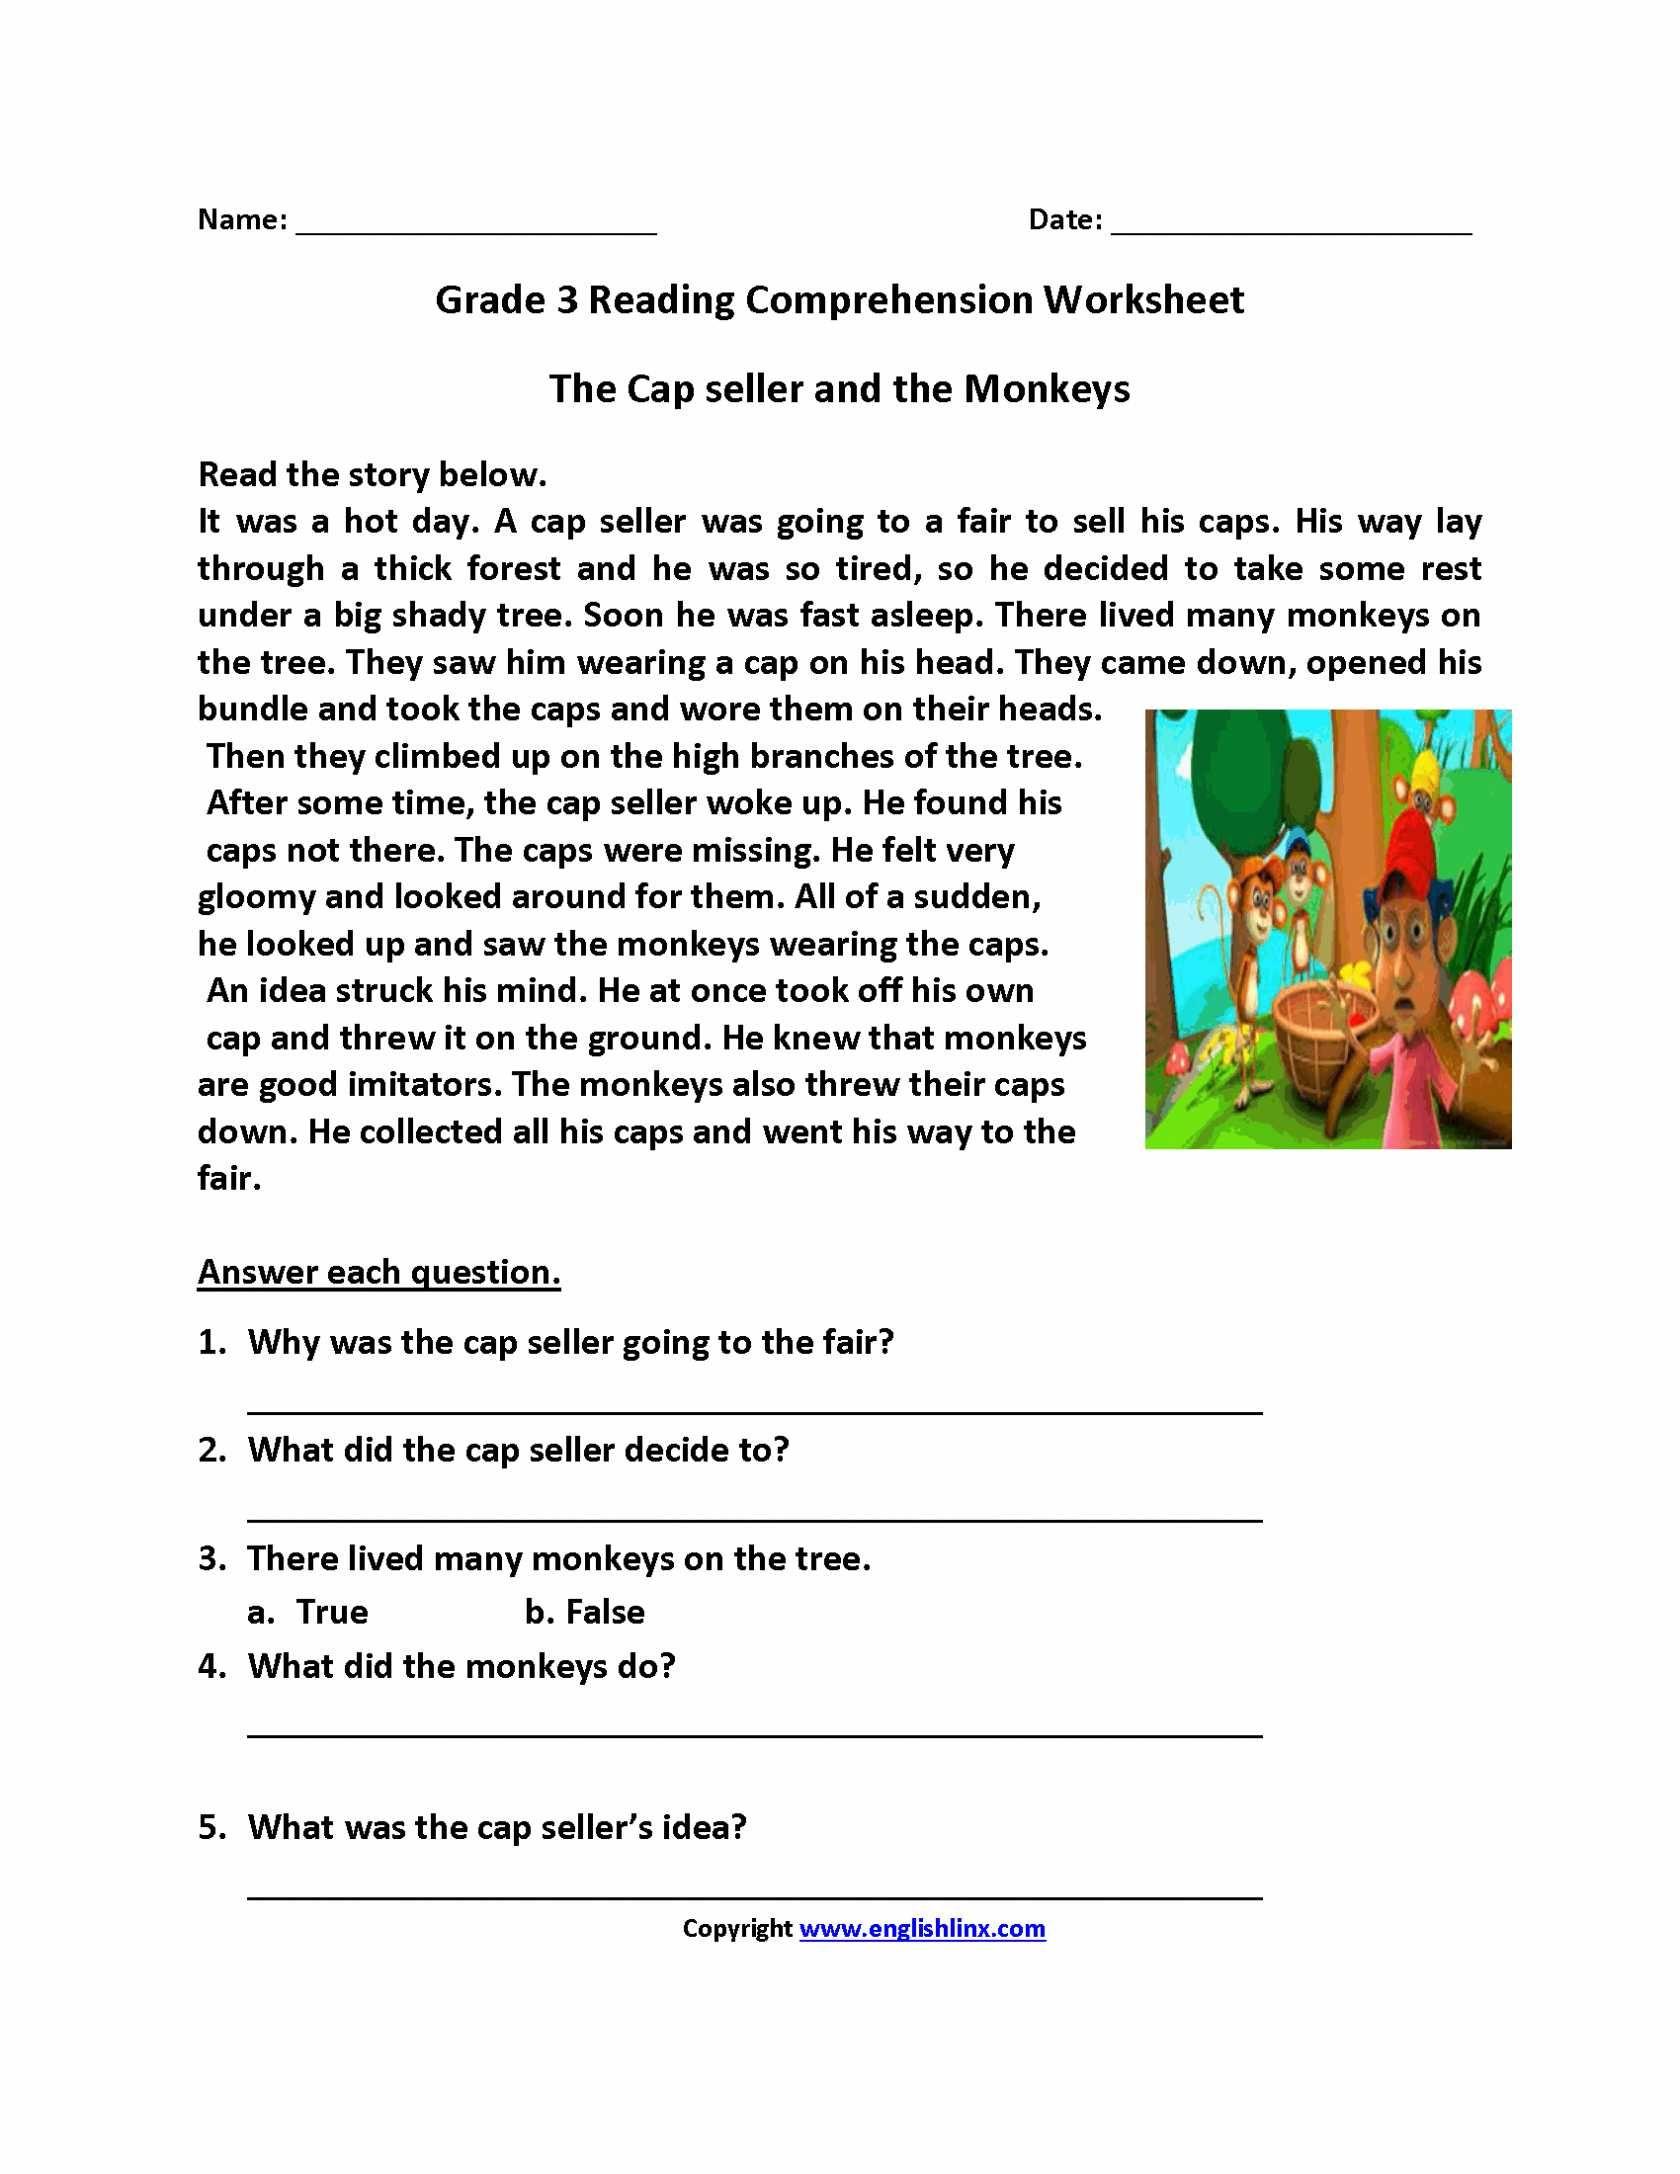 Spanish Reading Comprehension Worksheets Together Wi In 2020 3rd Grade Reading Comprehension Worksheets Third Grade Reading Worksheets Reading Comprehension Worksheets